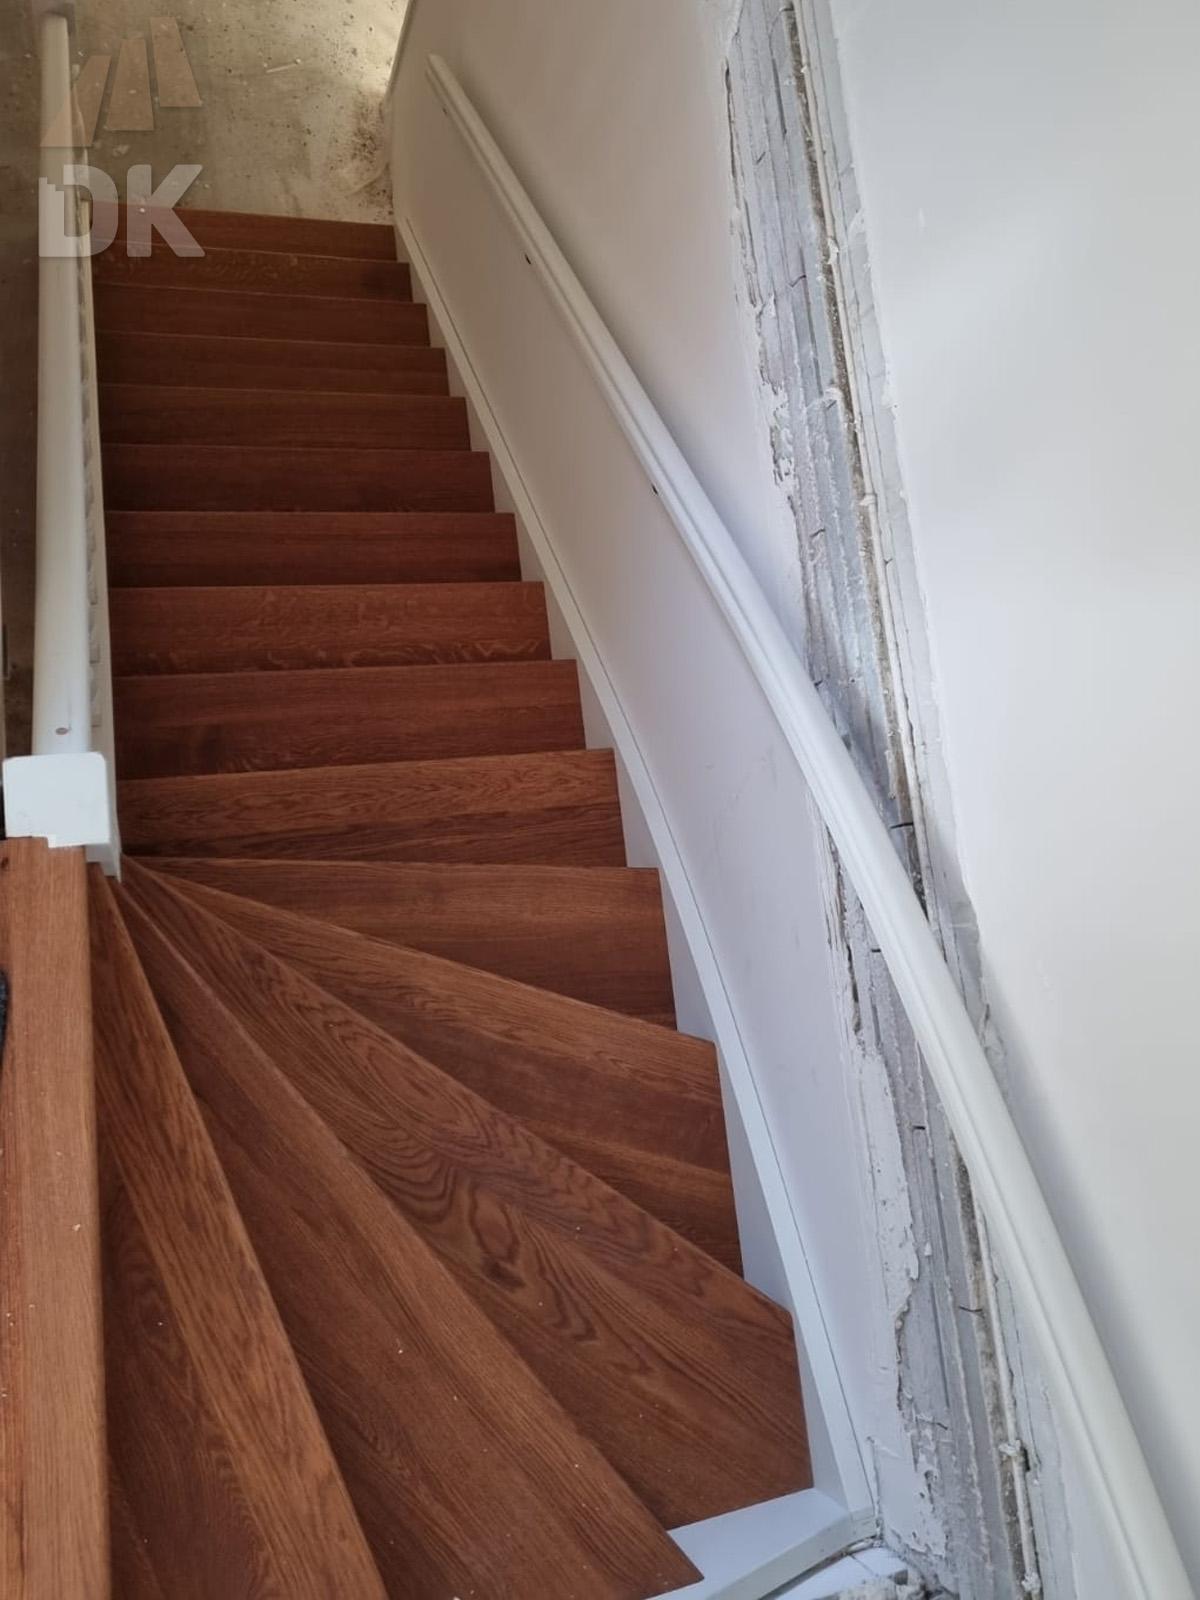 Prachtige mahonie trappen met eiken treden - Foto 4